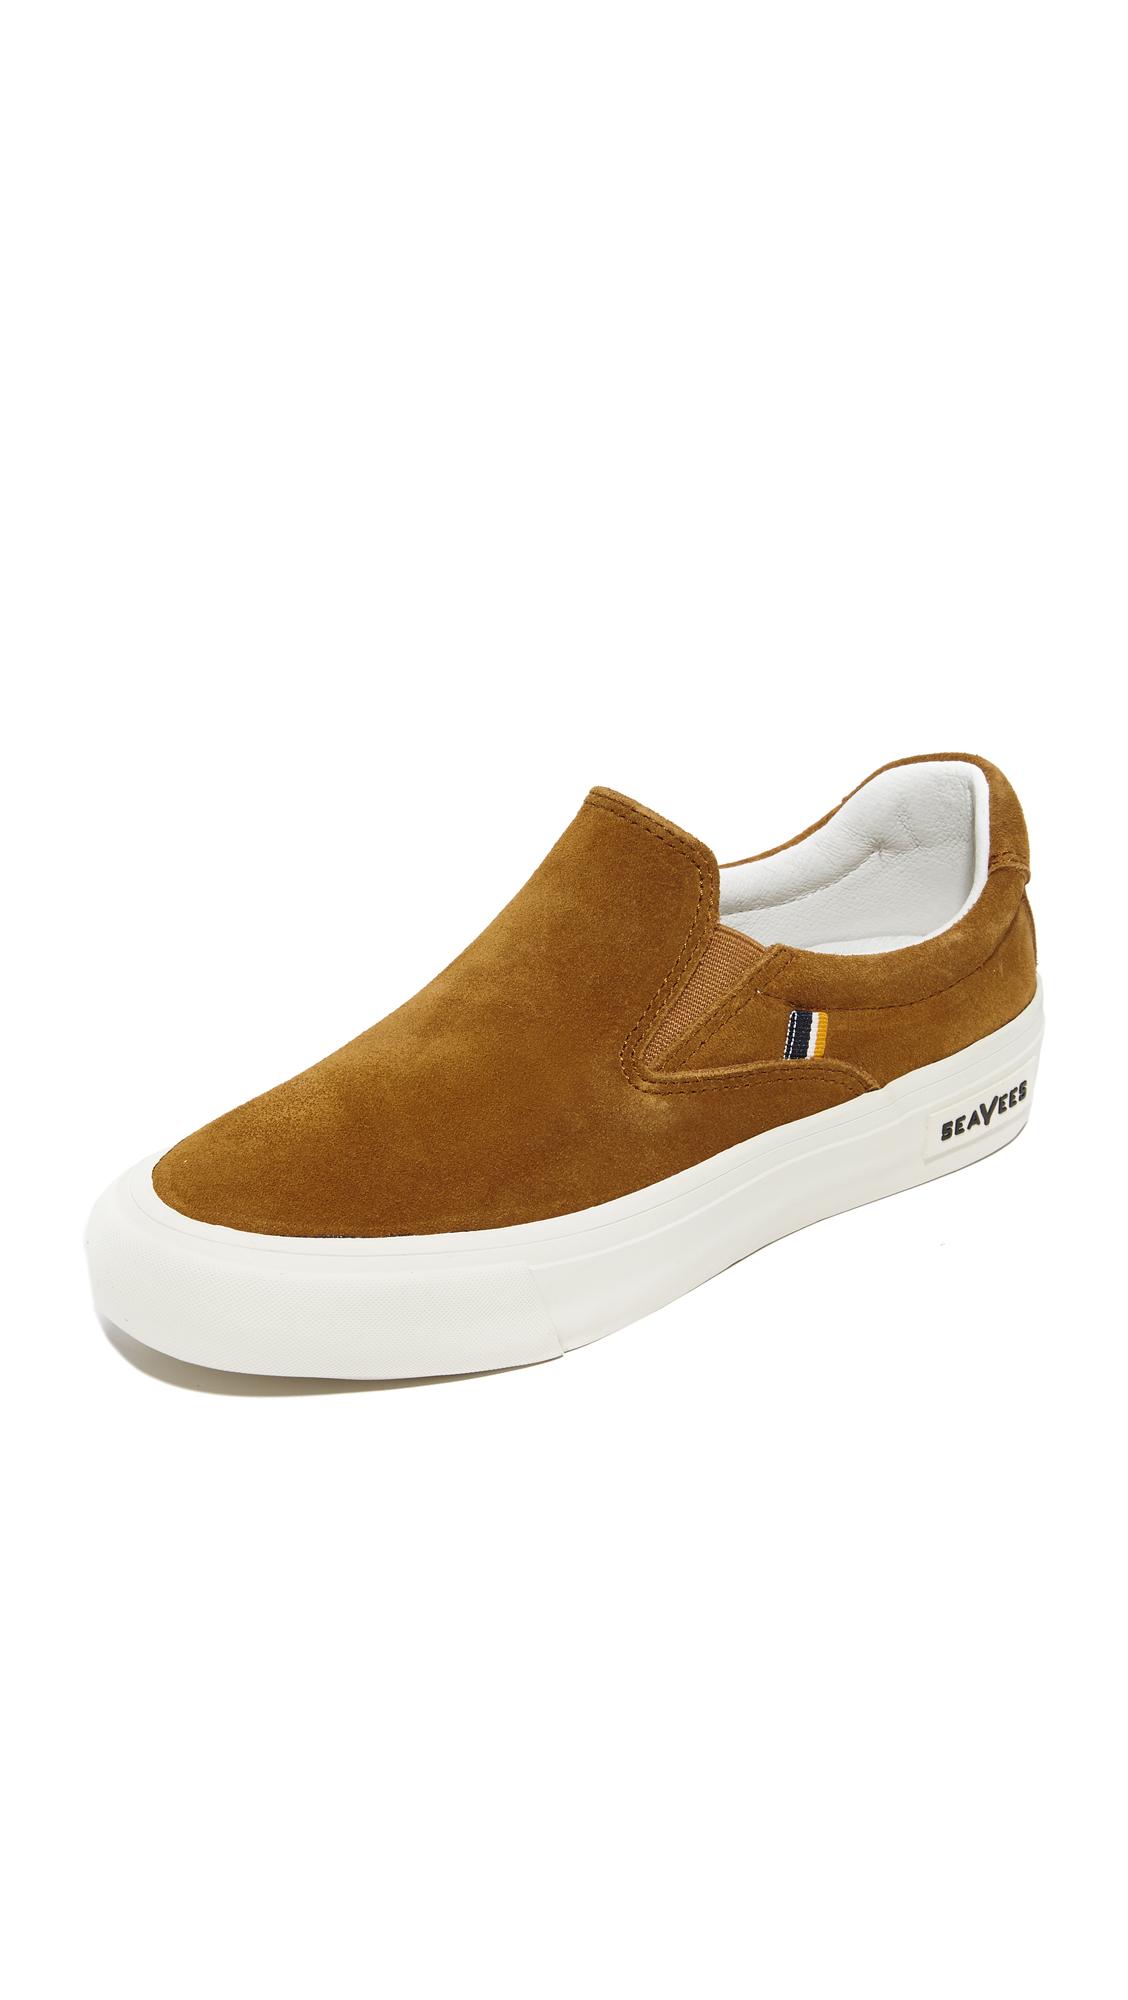 SeaVees x Derek Lam 10 Crosby Hawthorne Slip On Sneakers - Cognac